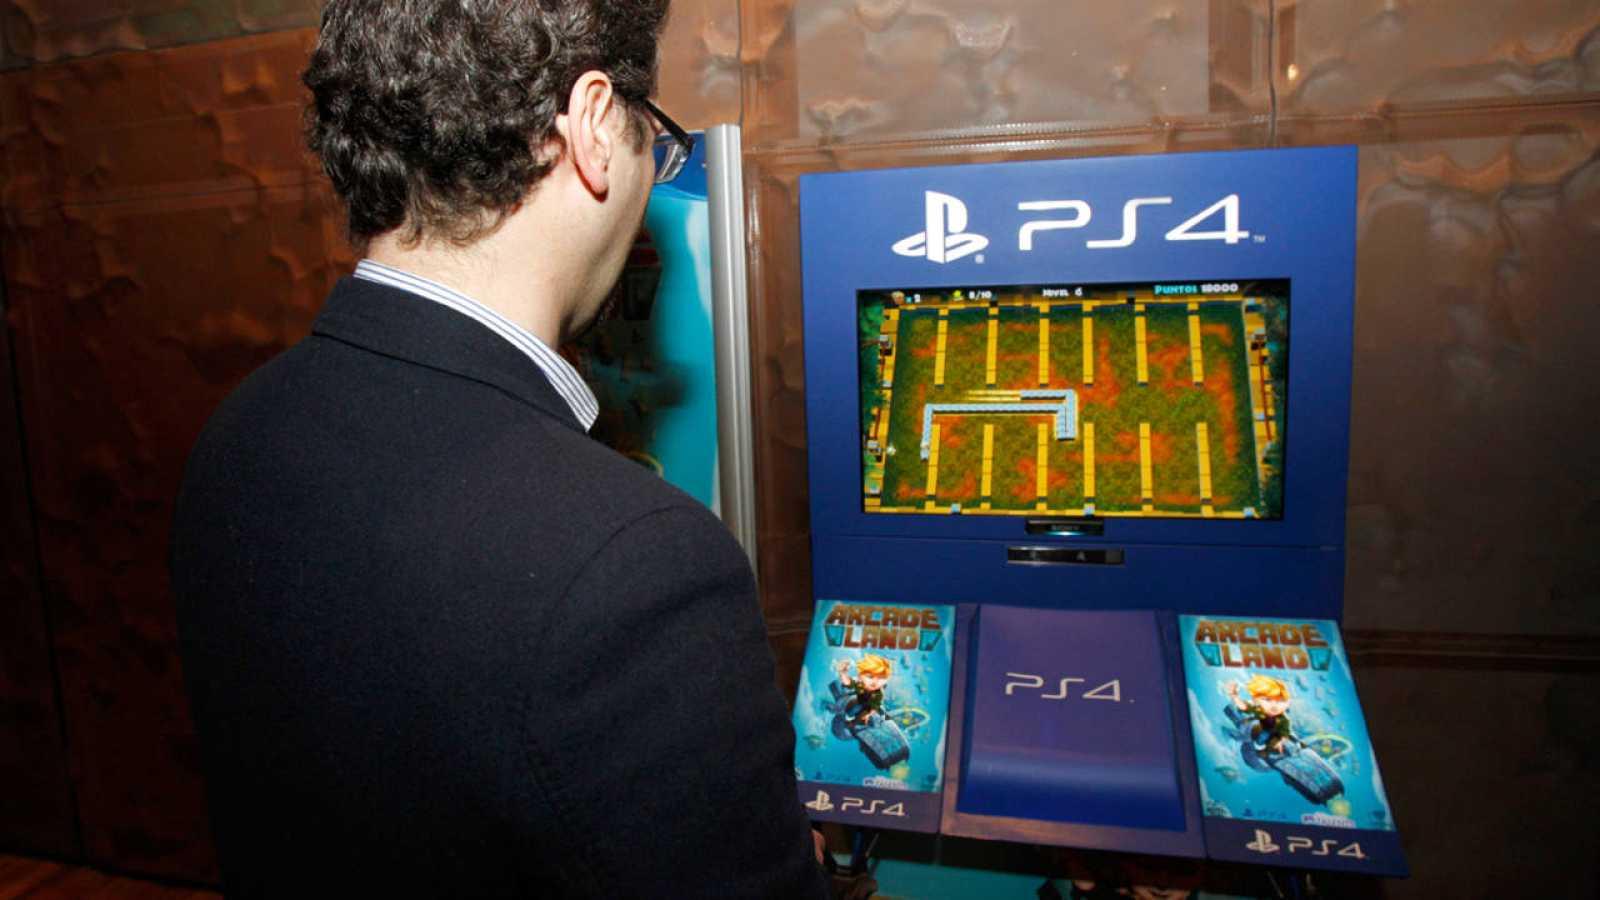 Una de las máquinas de juego en el CaixaForum de Madrid, donde se ha presentado 'Arcade Land'.